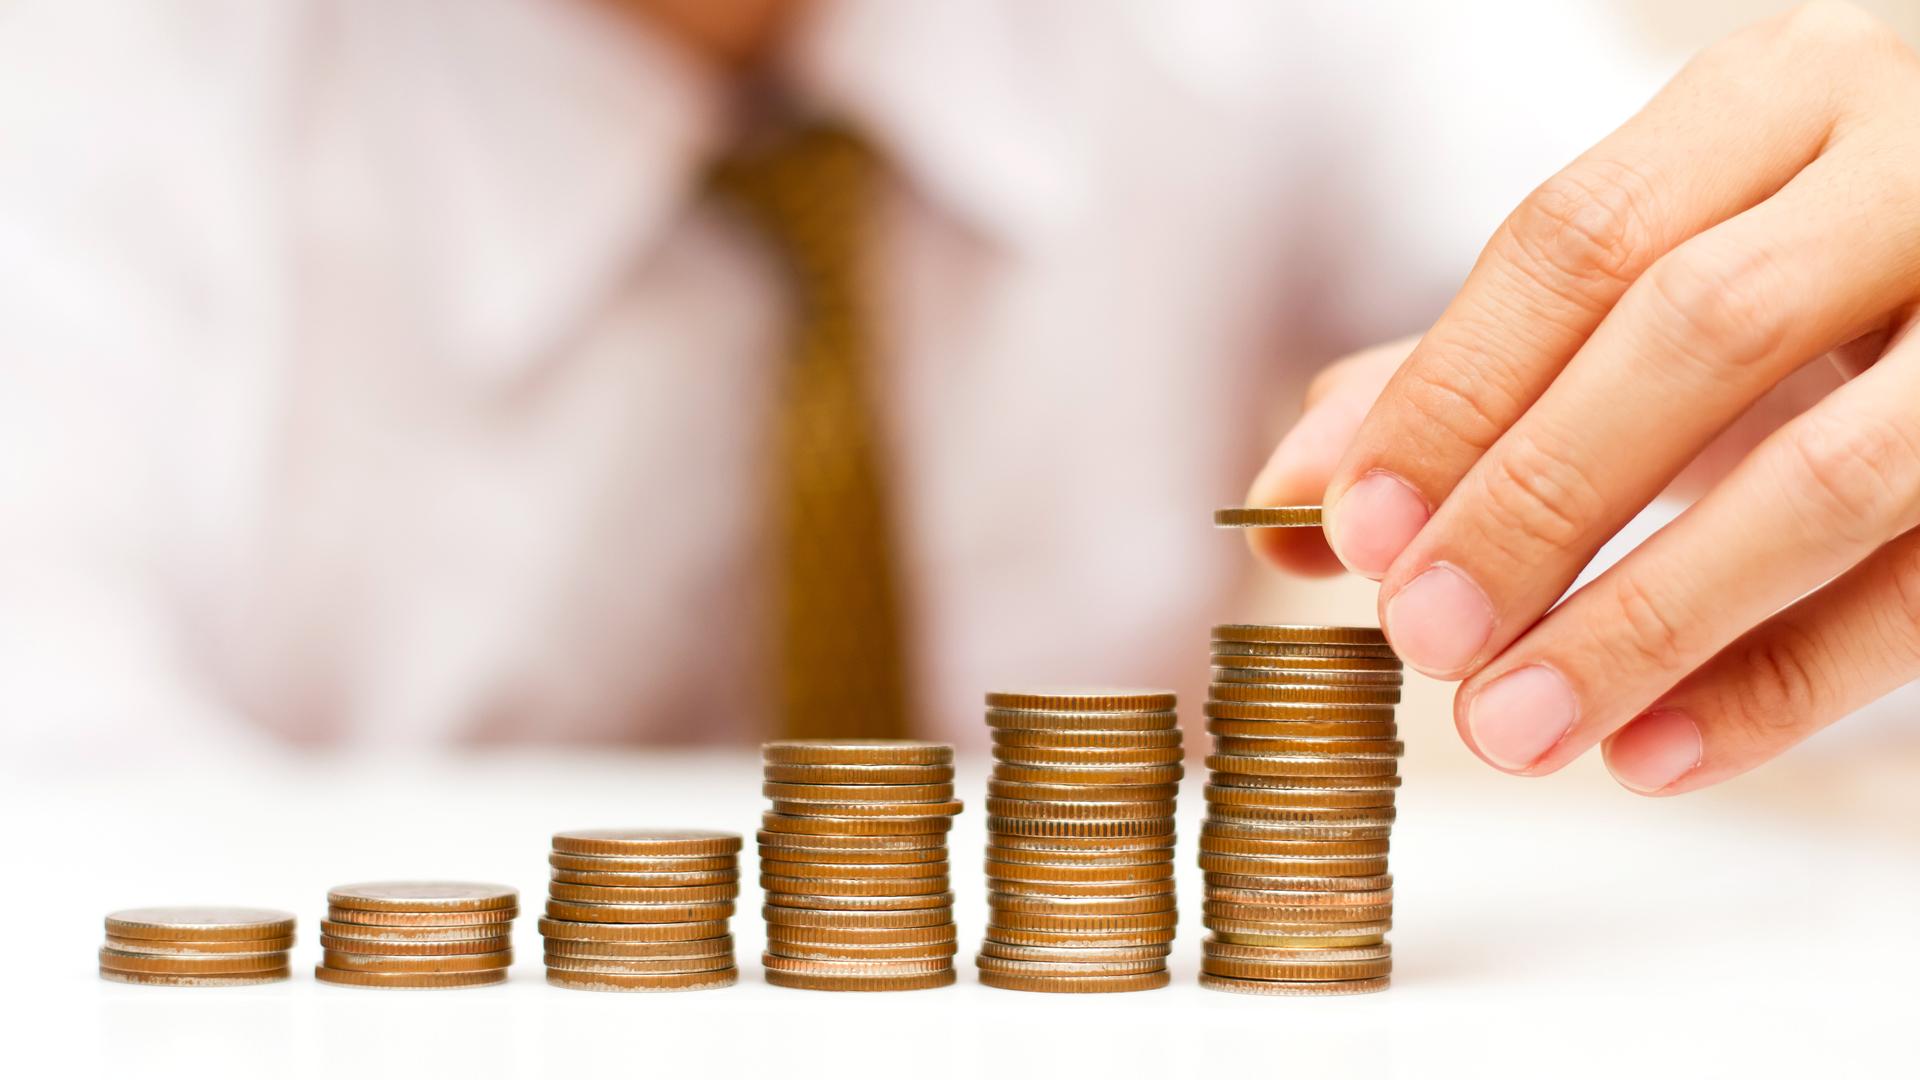 La proyección sobre la economía argentina cambia según la mirada de cada consultora económica.(iStock)